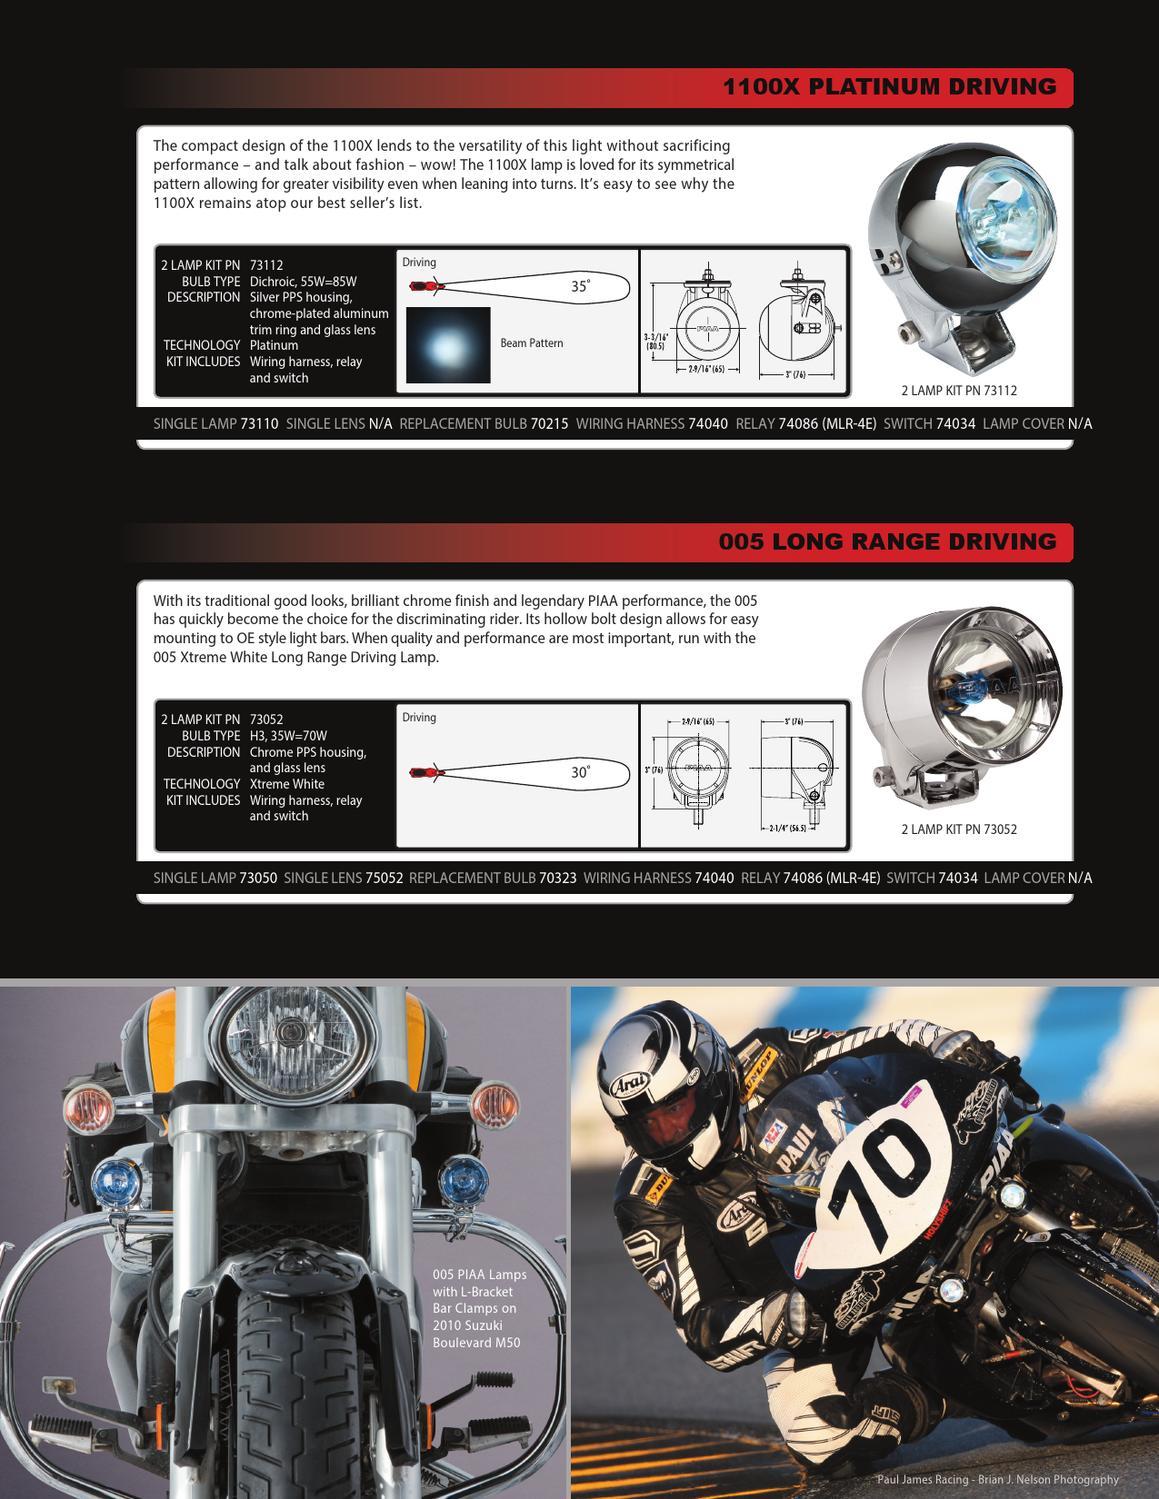 PIAA 74040 Powersports Wiring Harness